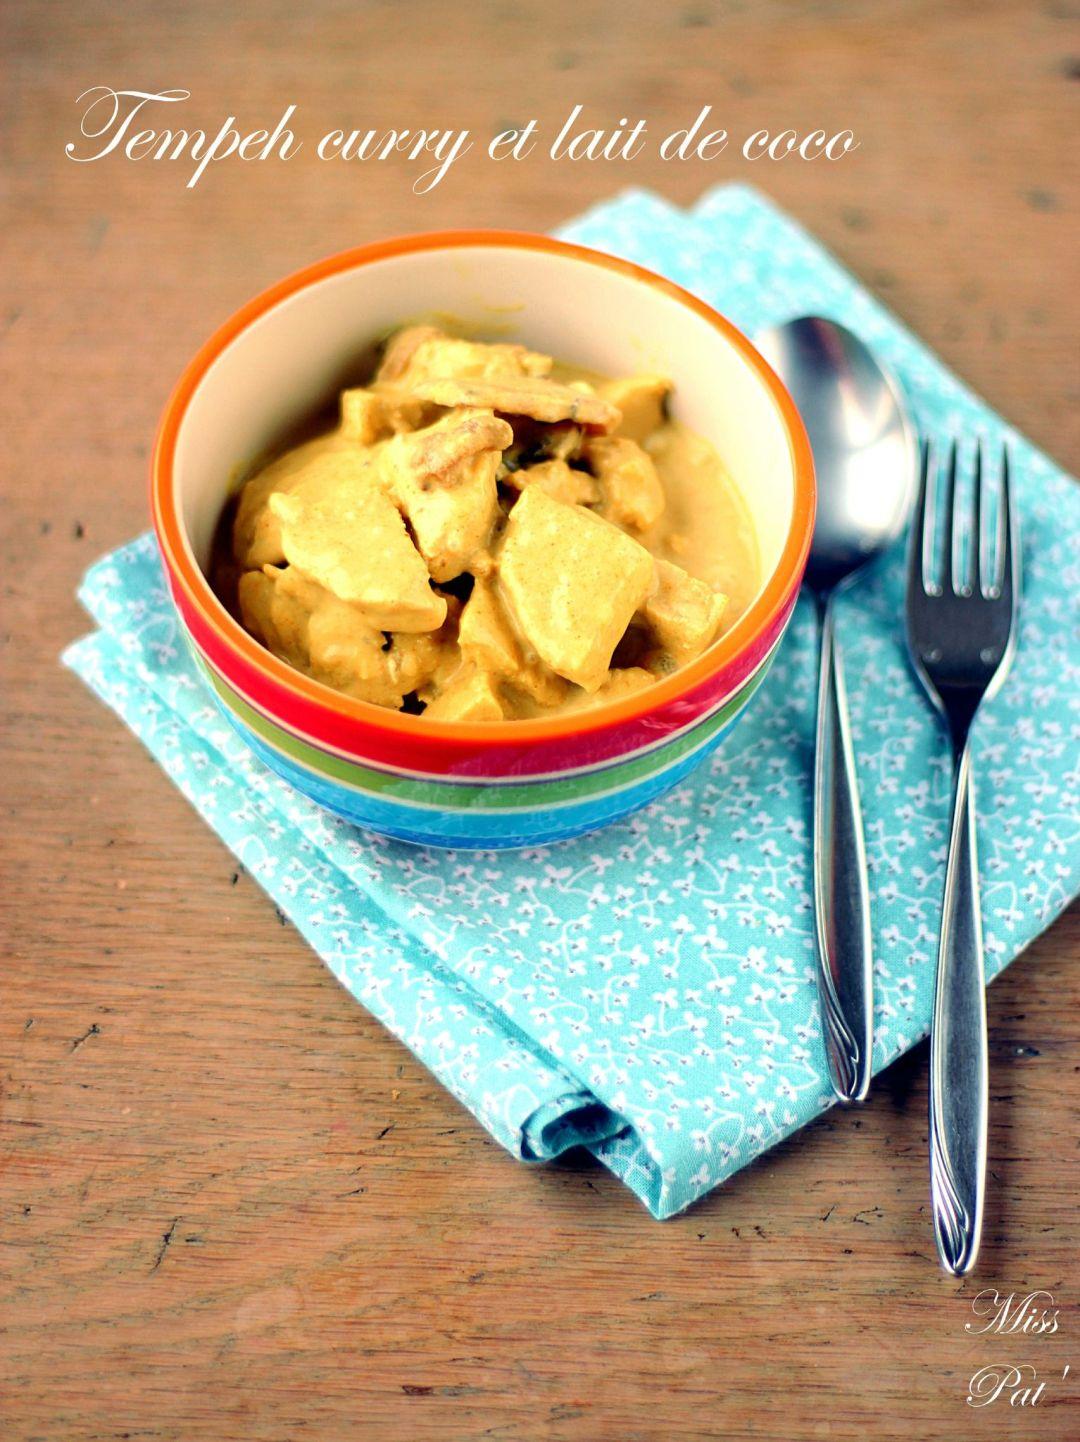 tempeh curry et lait de coco